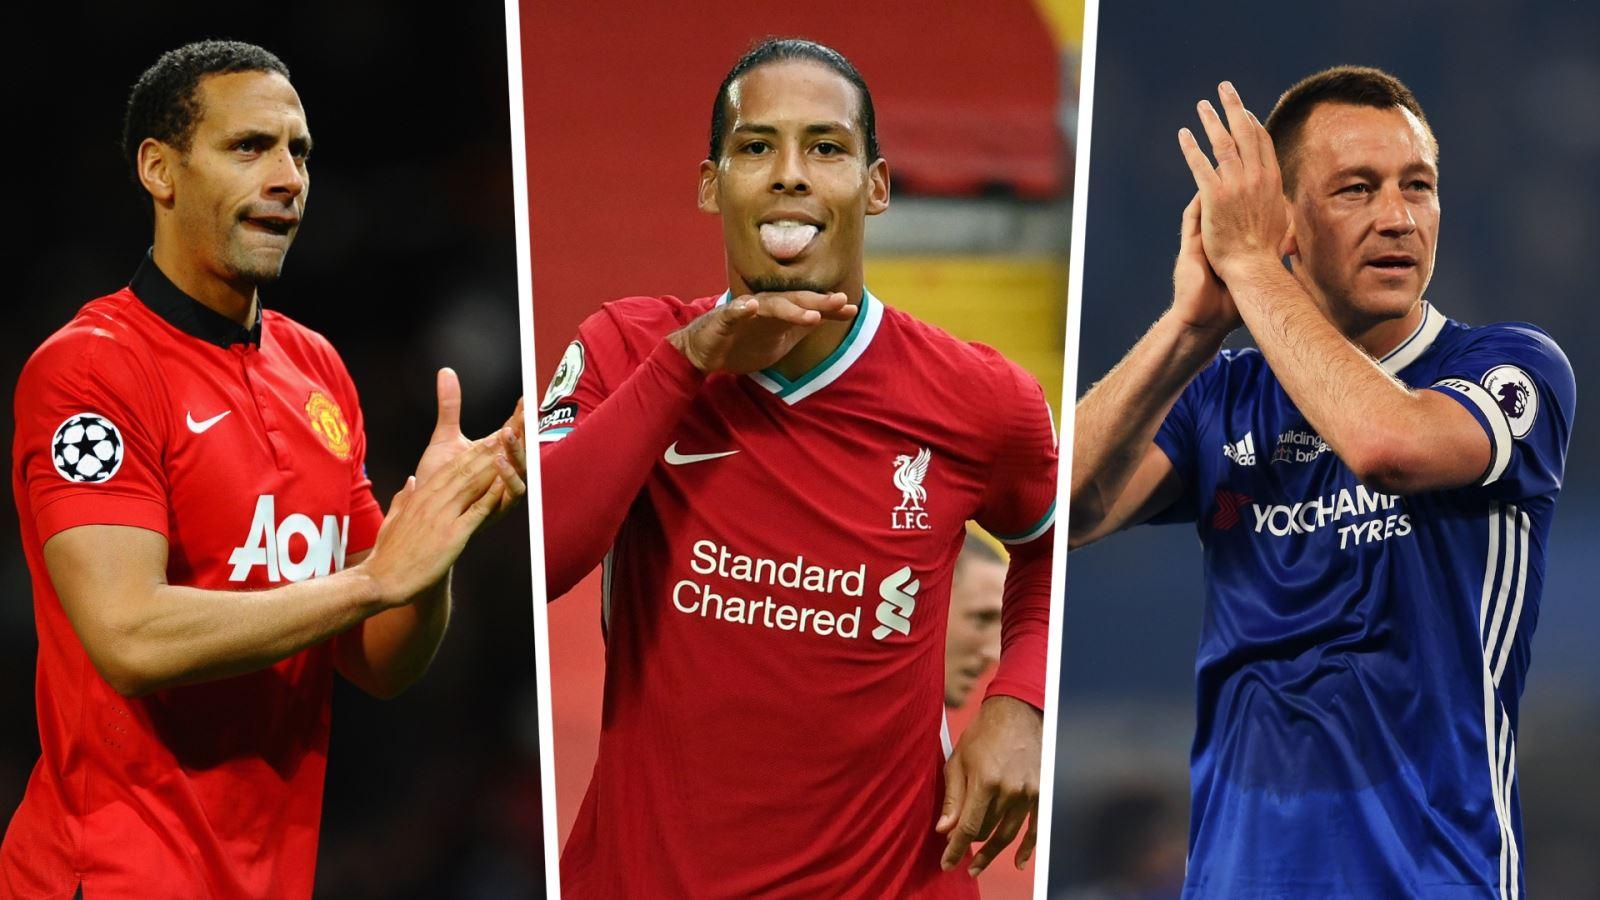 Bóng đá hôm nay 20/10: HLV PSG ca ngợi Pogba. Van Dijk được đánh giá hay hơn Ferdinand và Terry